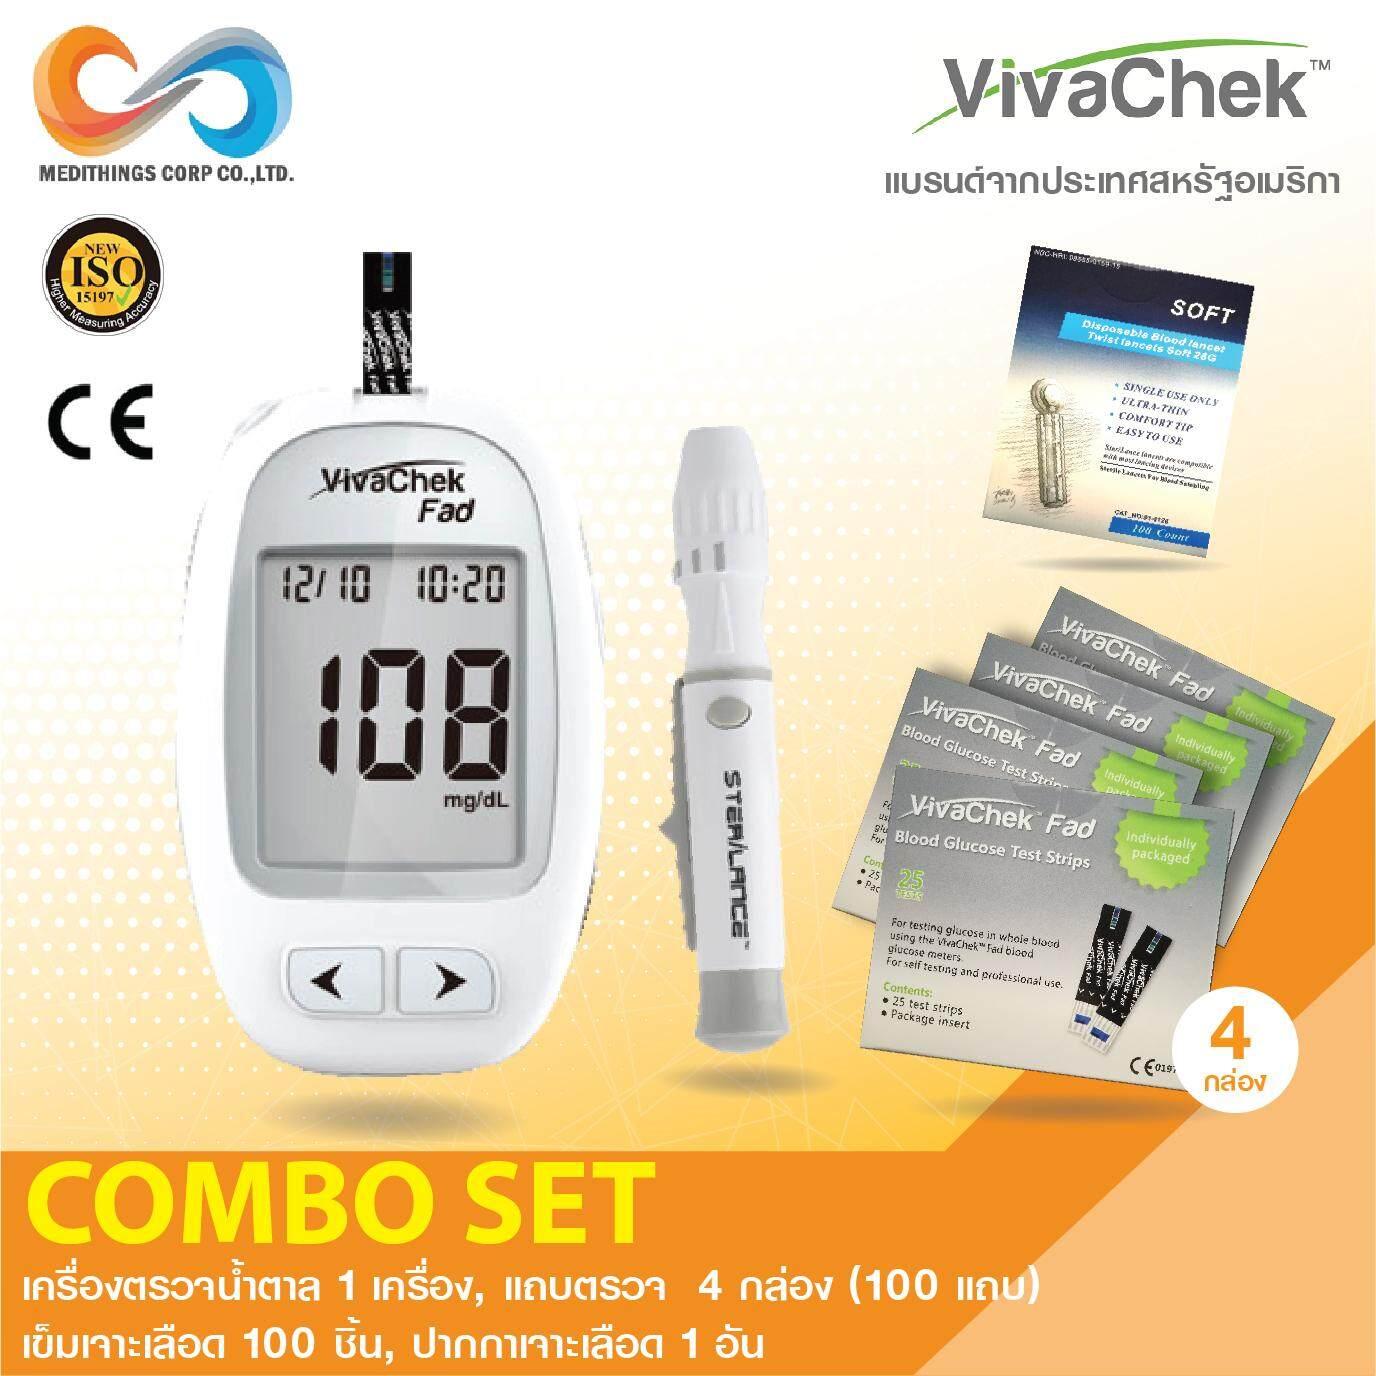 เครื่องตรวจน้ำตาล แถบตรวจน้ำตาล 100 แถบ ปากกาเจาะเลือด เข็ม VivaChek combo set